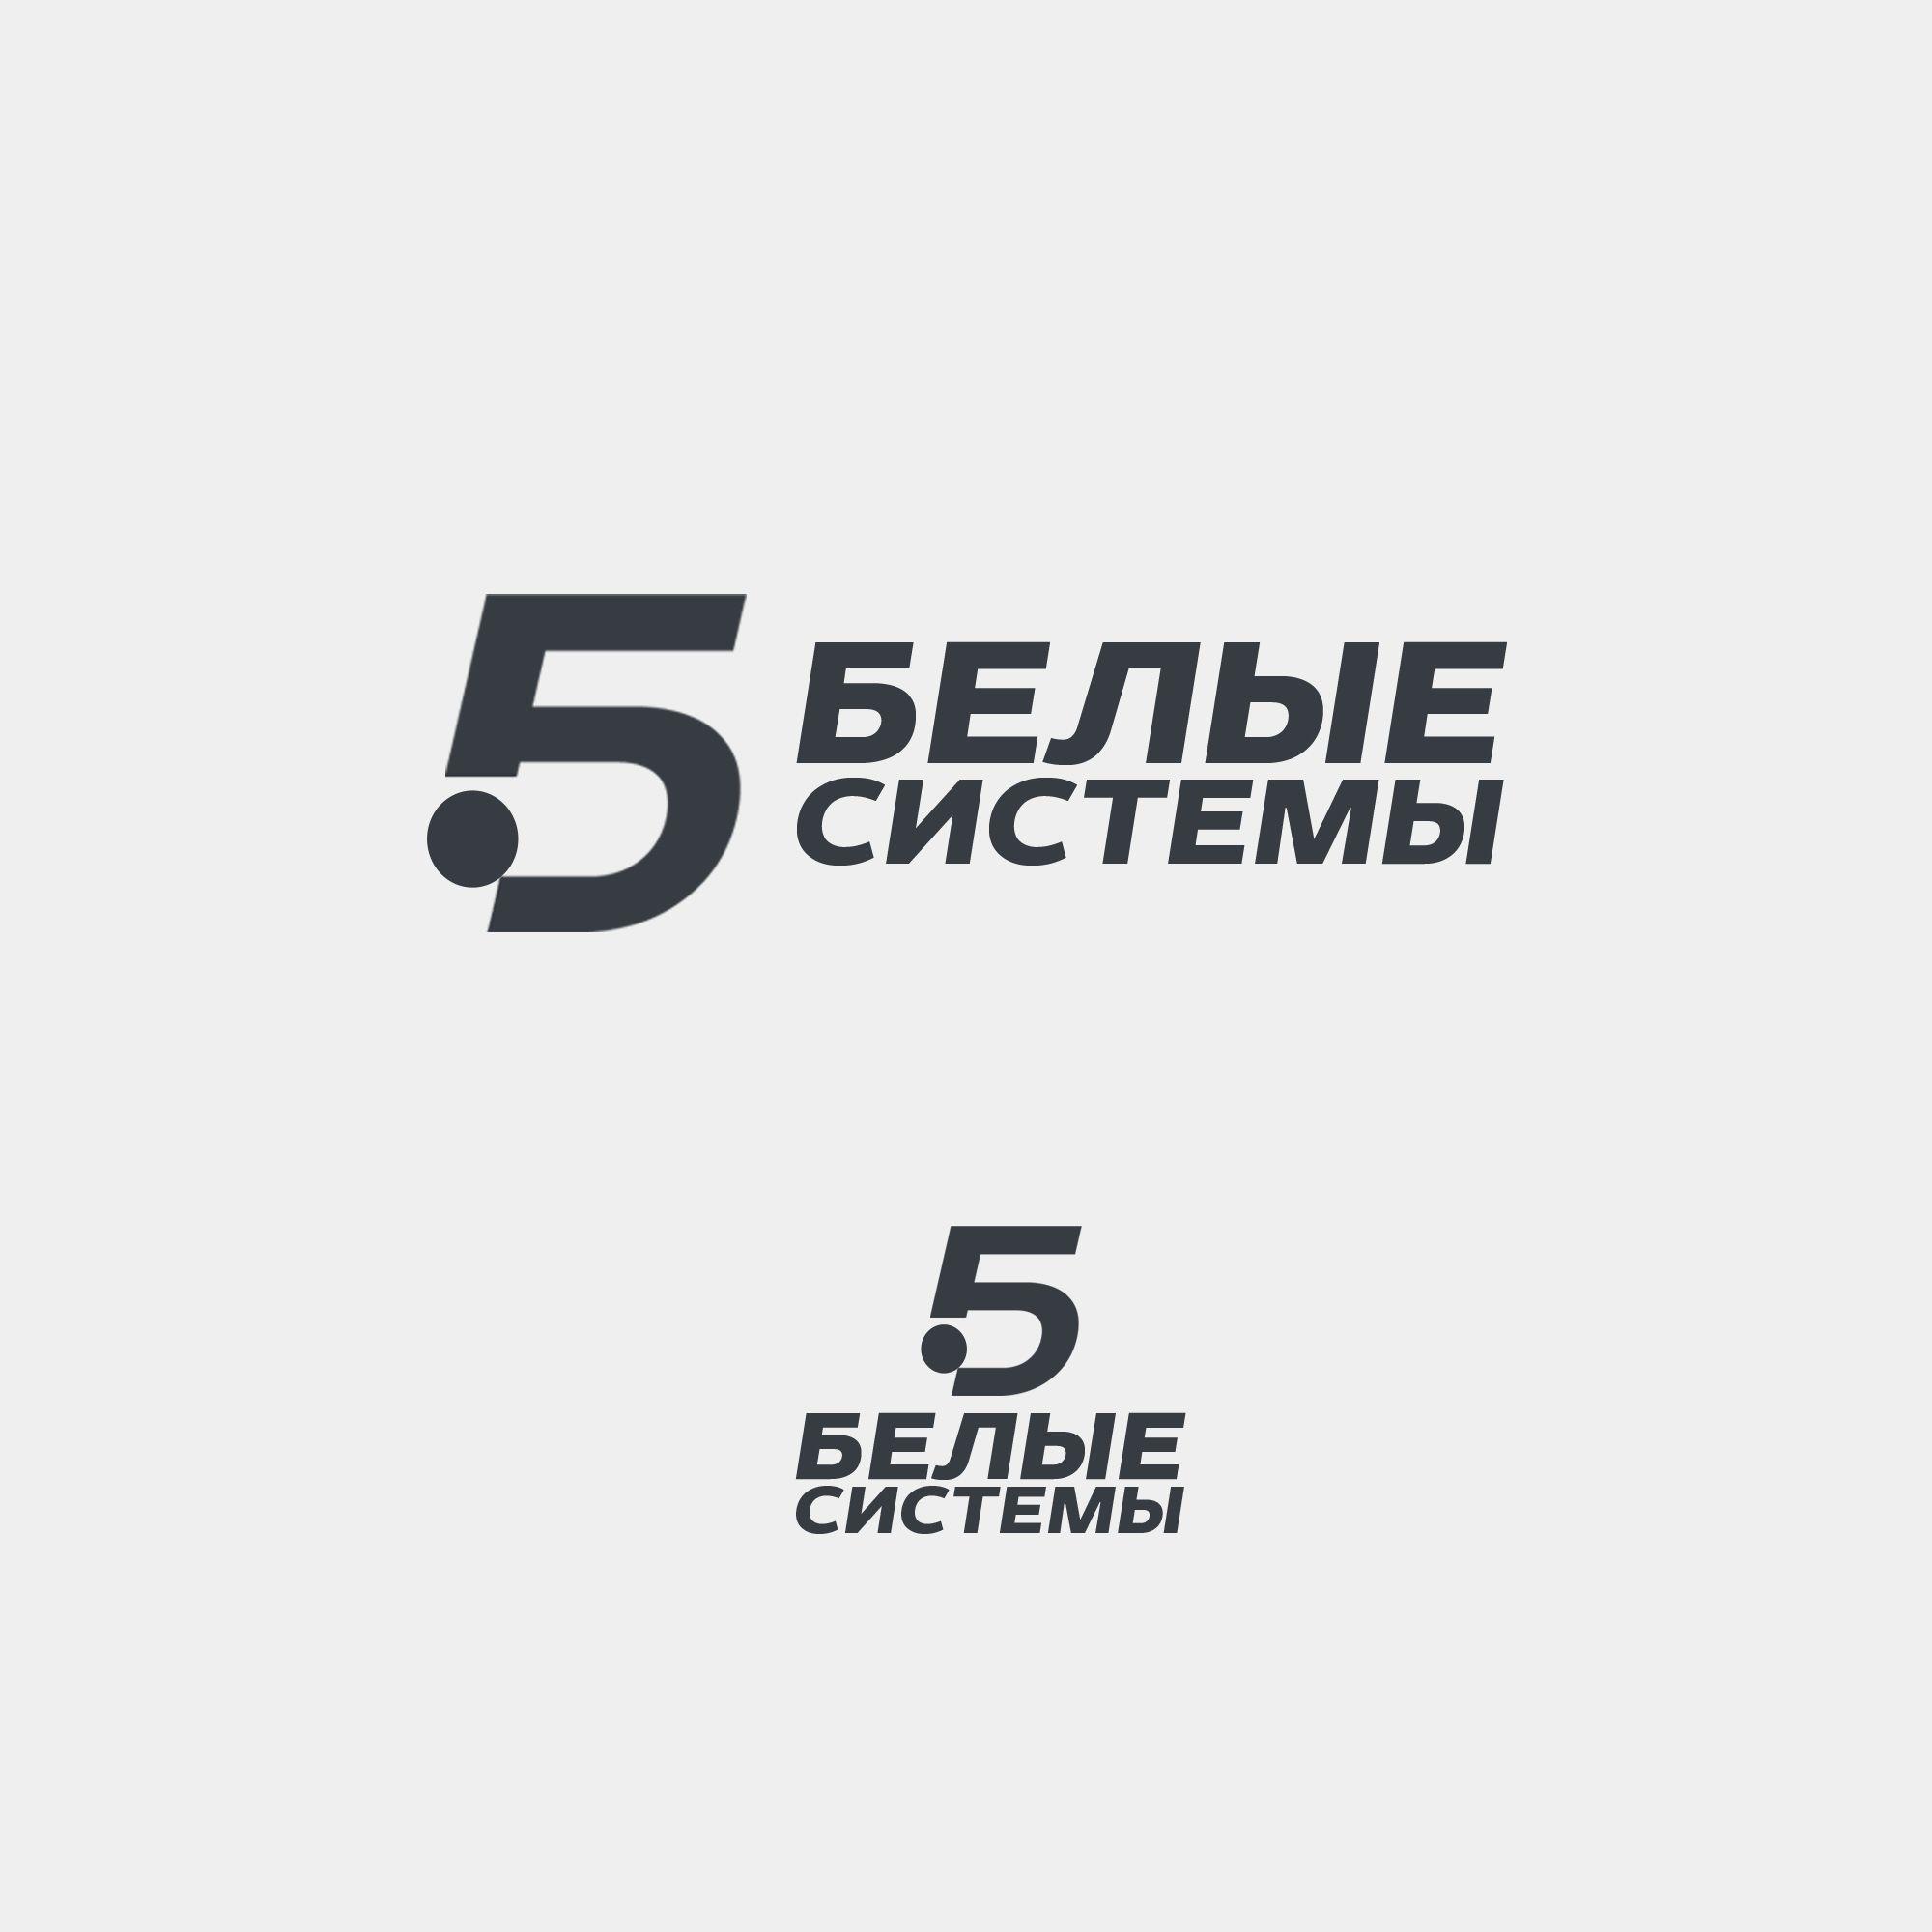 Логотип для SEO компании - дизайнер weste32